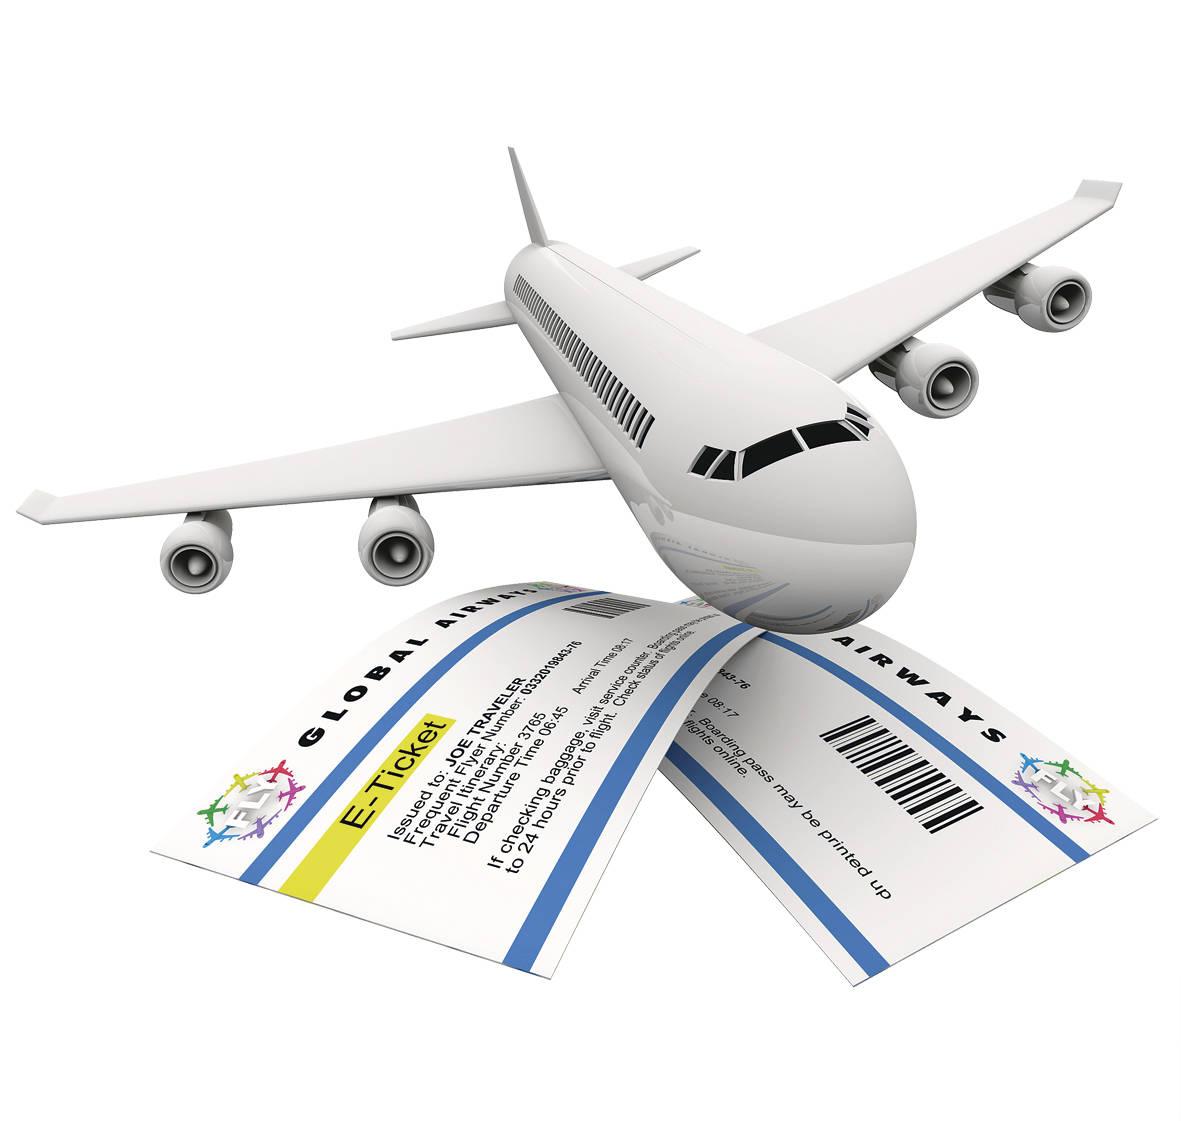 Путешествие со скидкой: как сэкономить на авиабилетах новые фото